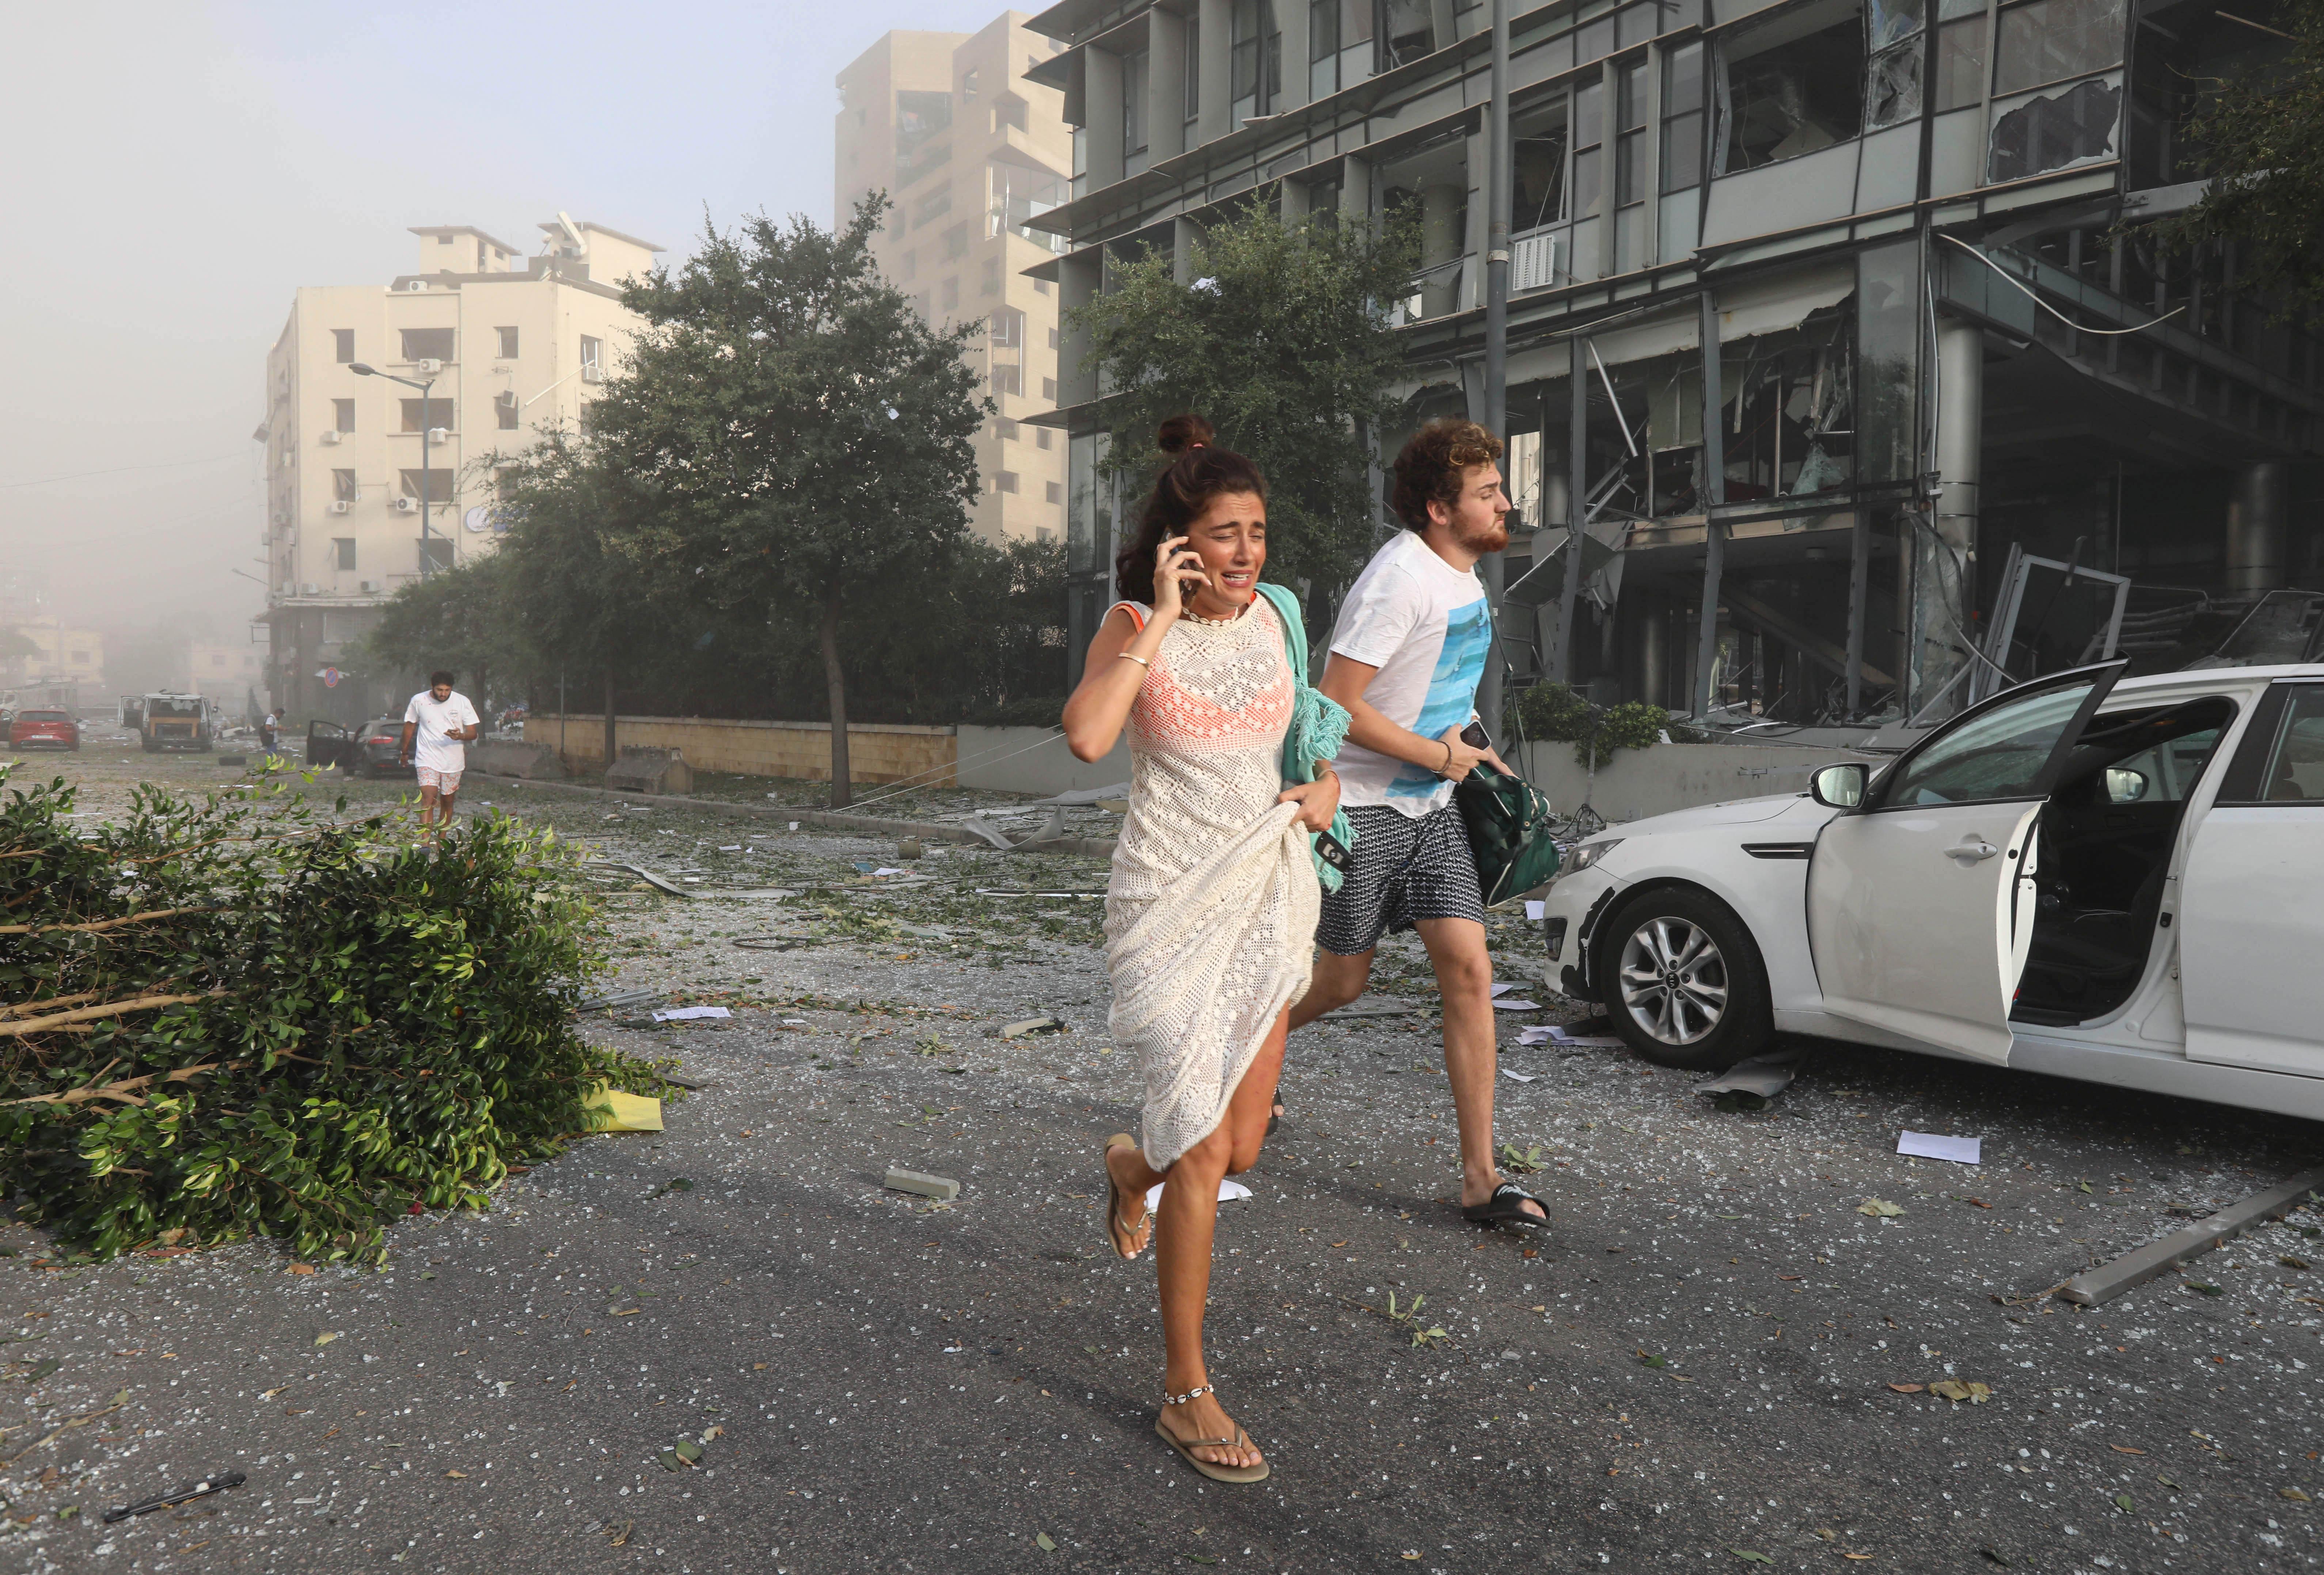 La gente corre para cubrirse tras la explosión en la zona portuaria de Beirut (Reuters/ Mohamed Azakir)